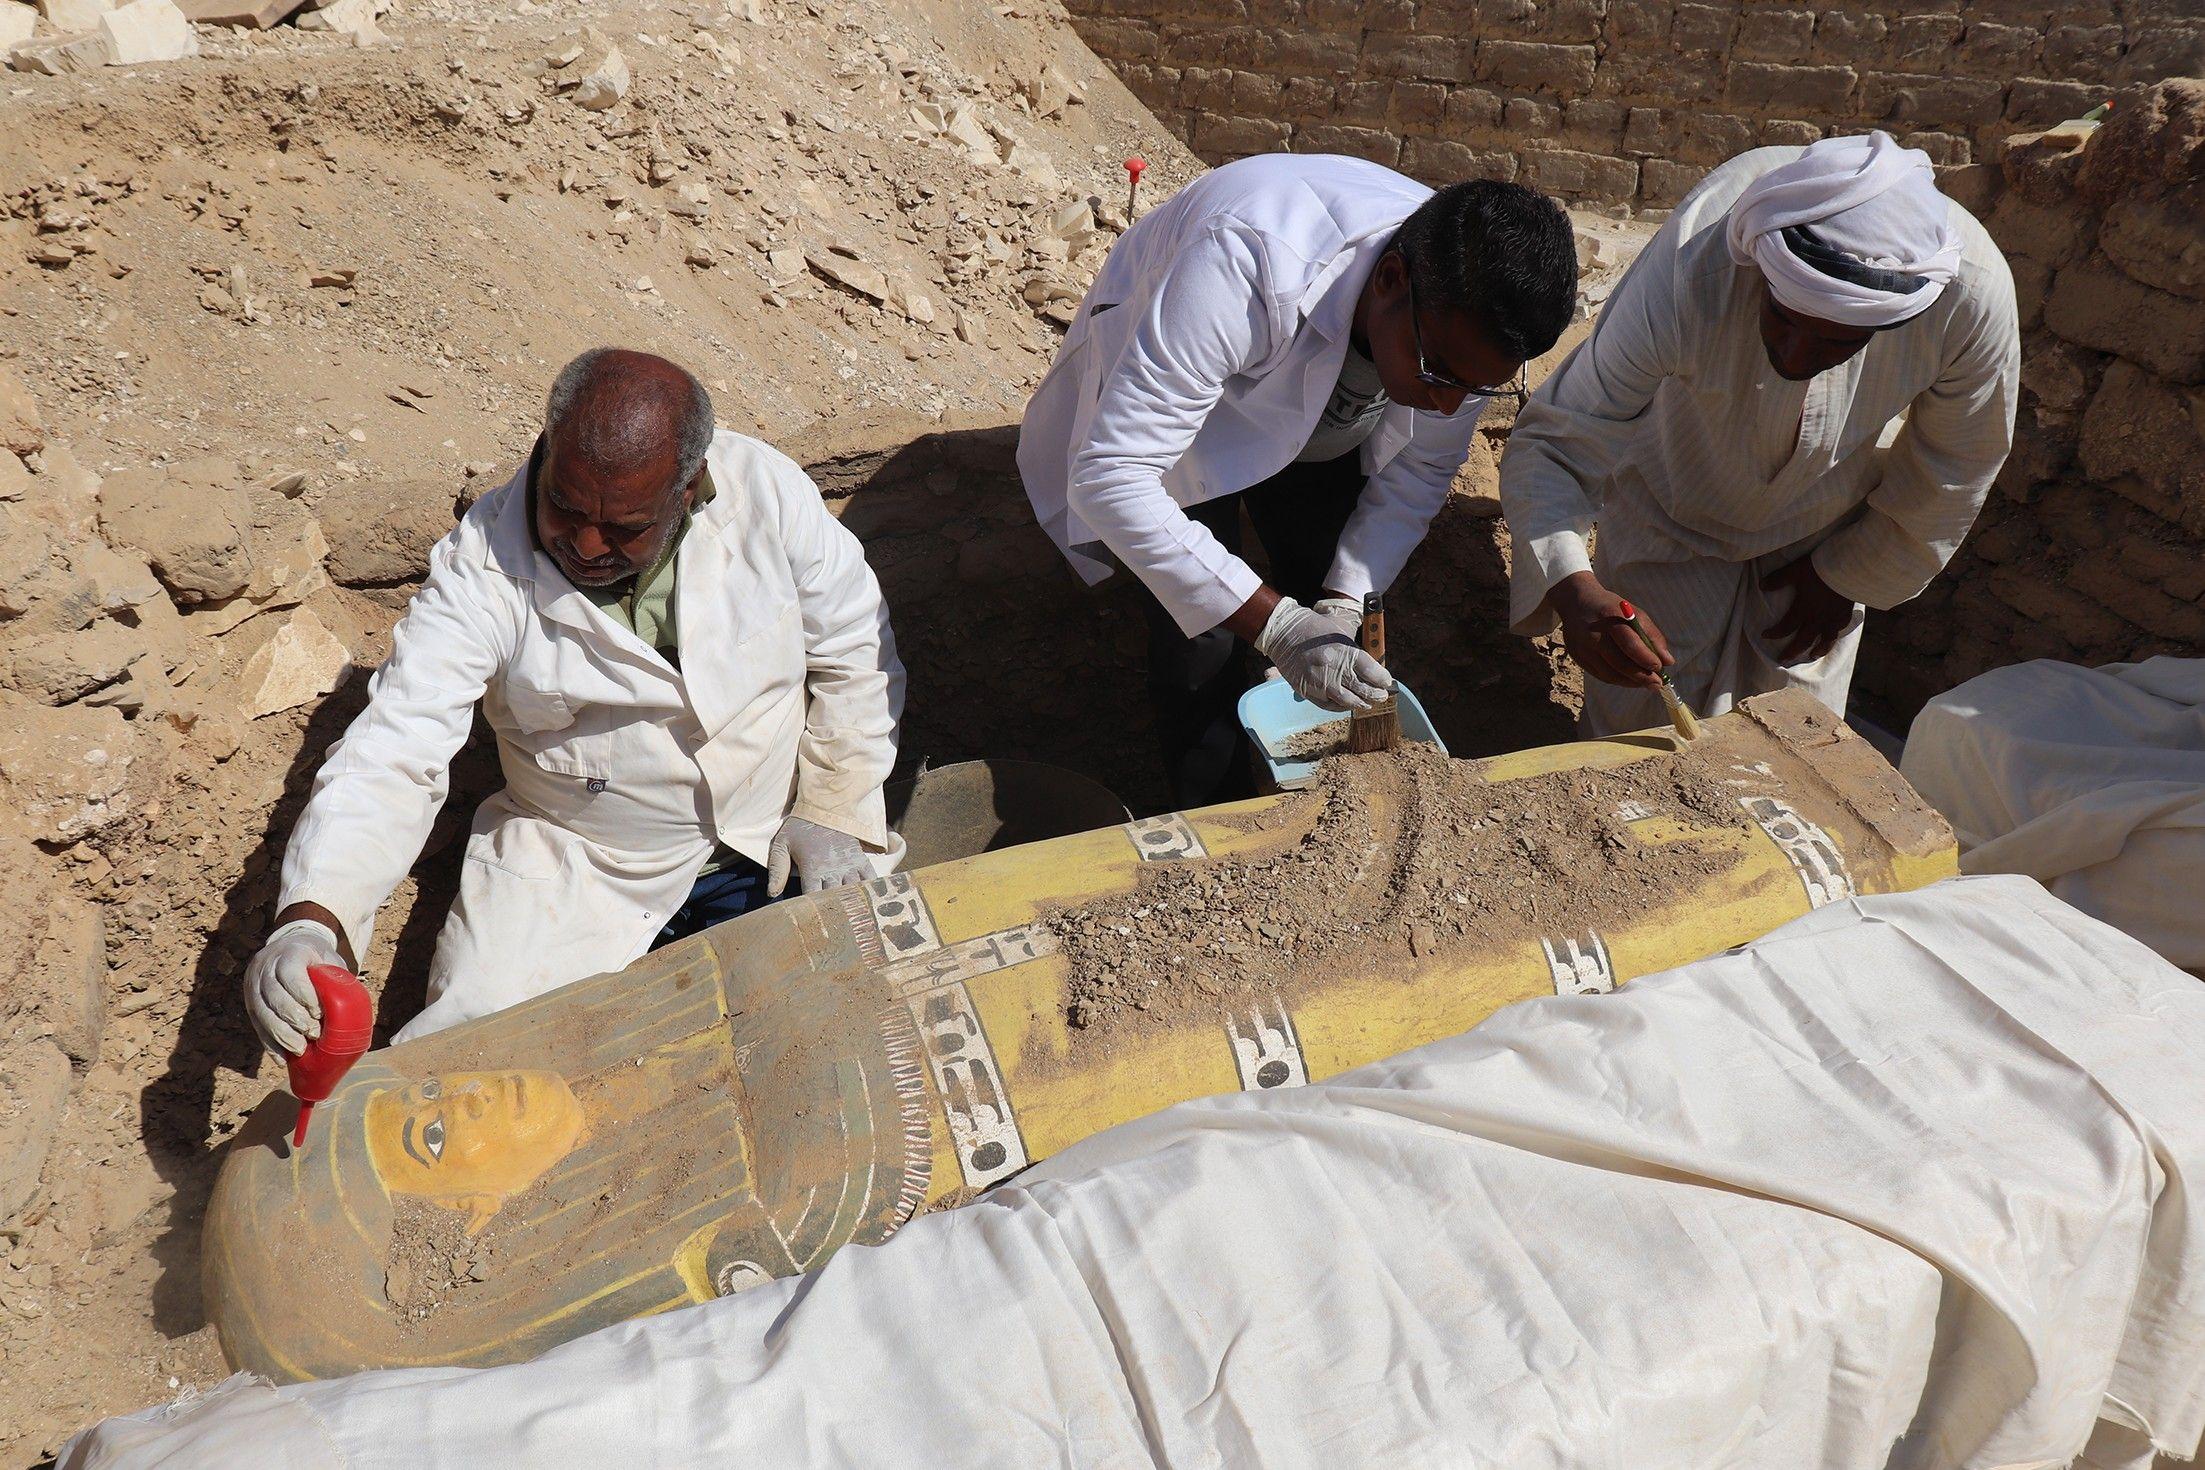 Égypte : une nouvelle découverte révèle un rituel d'inhumation inconnu